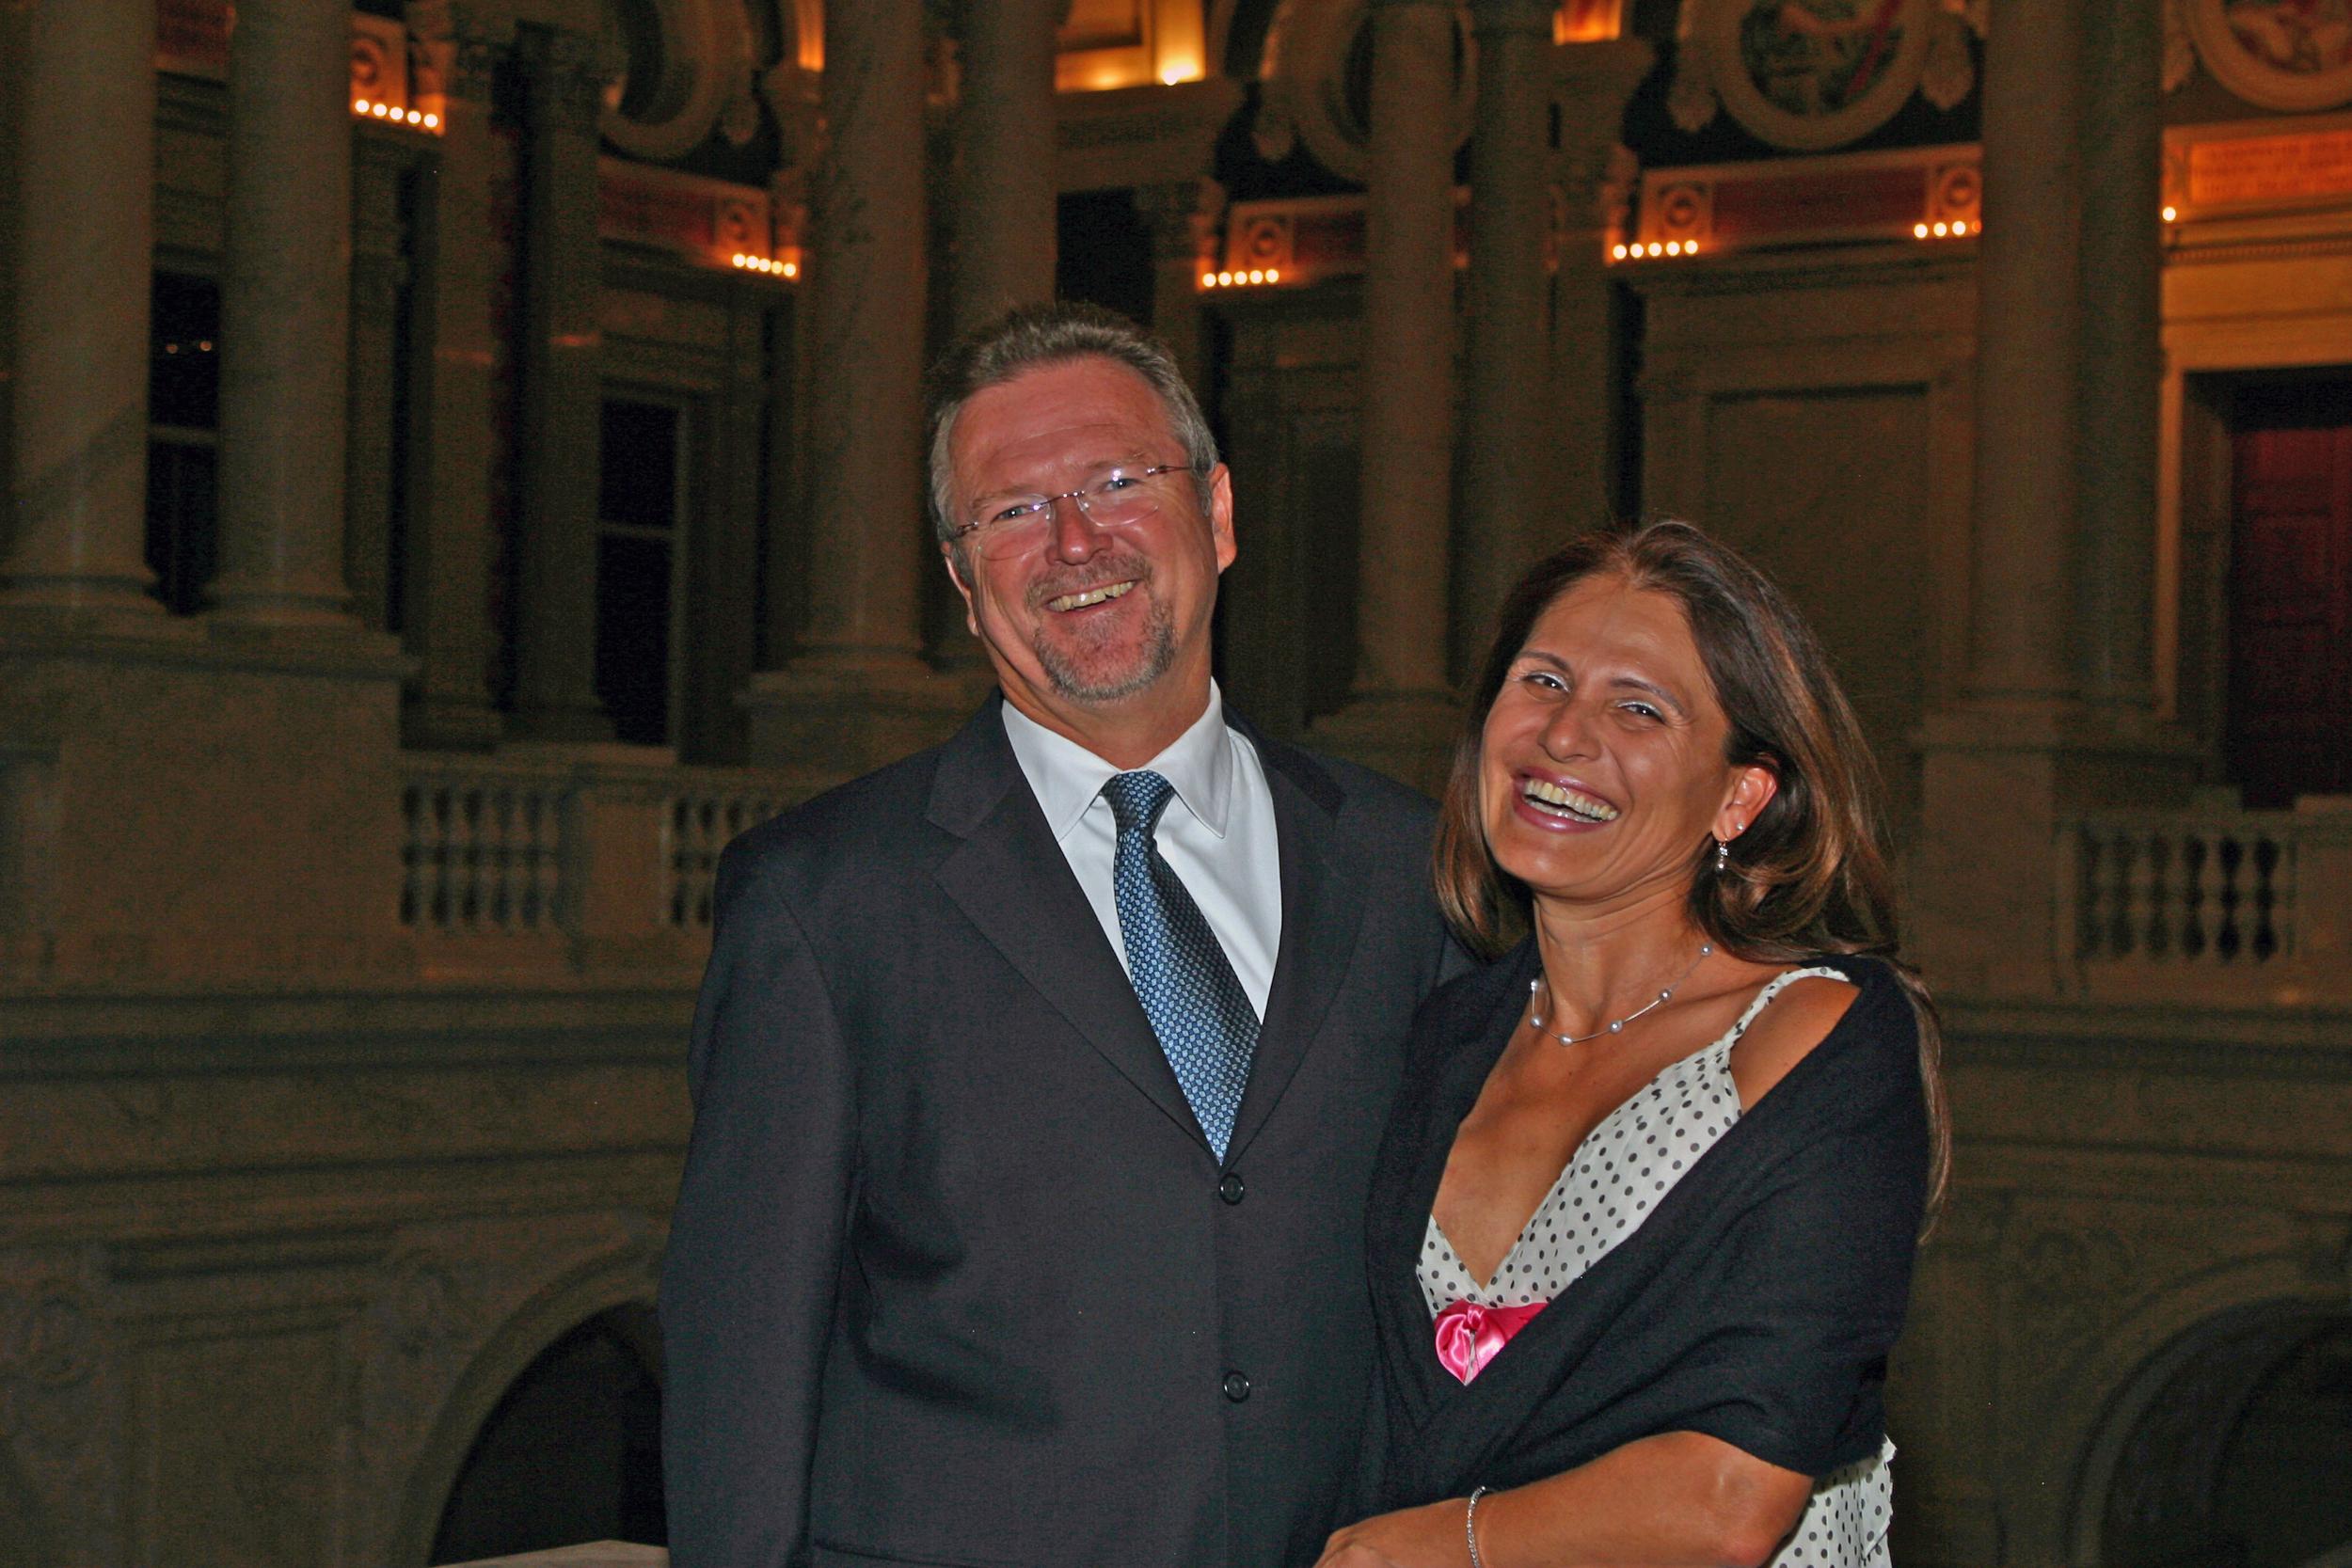 d Mastercard Lbirary of Congress, OAS dinner Nov 2005 023.jpg